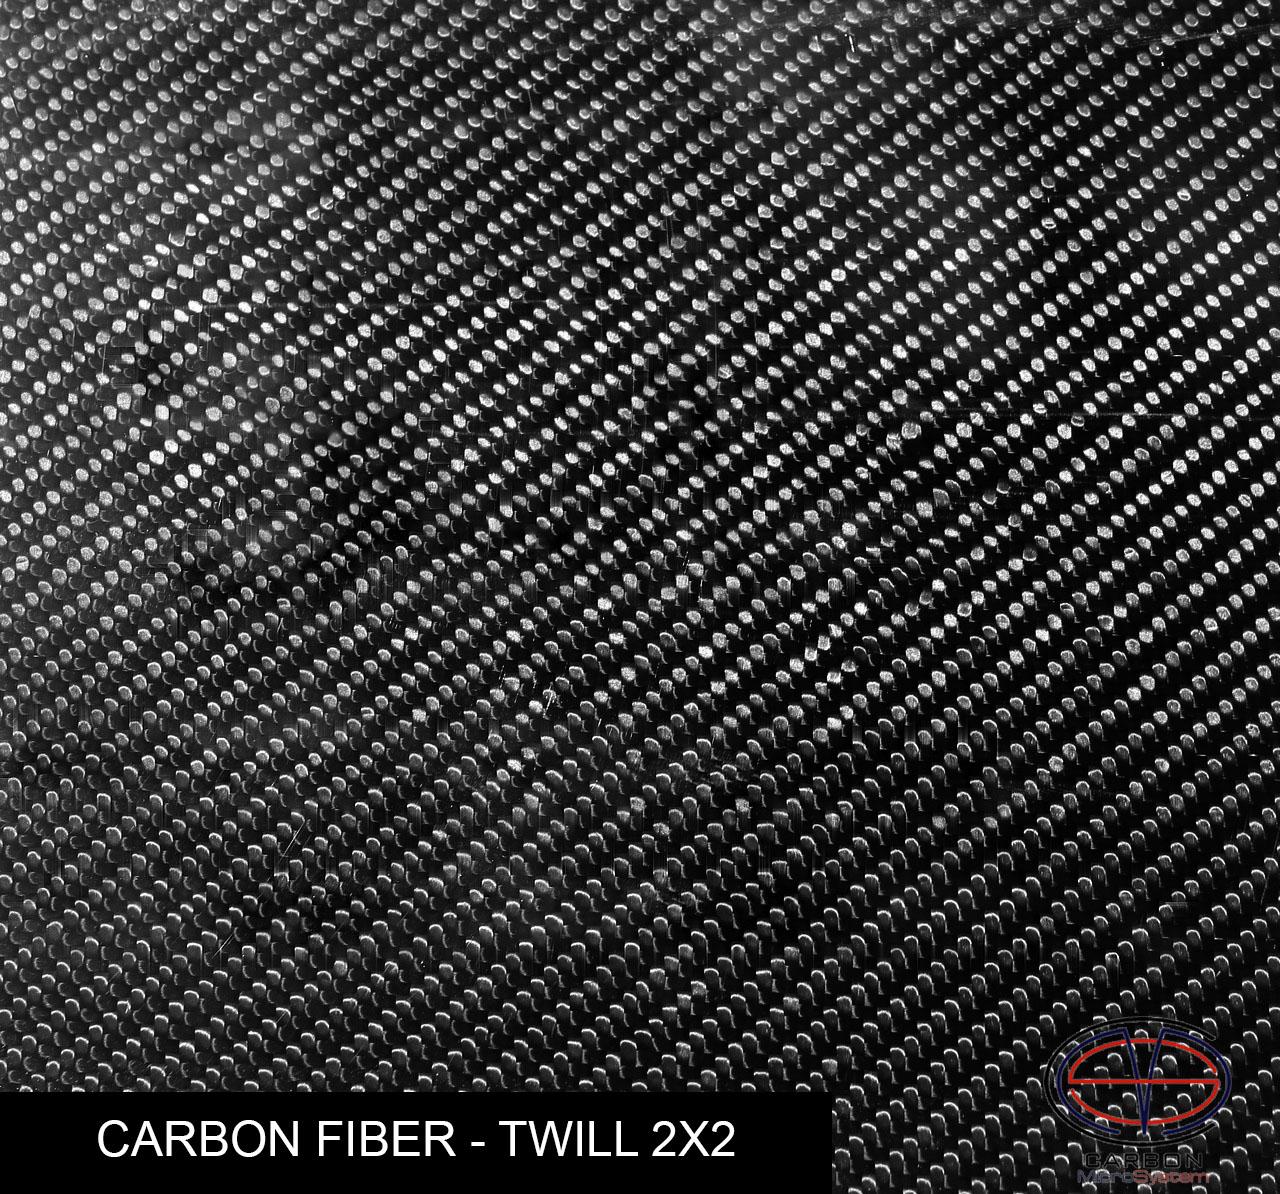 carbon fiber twill 2x2